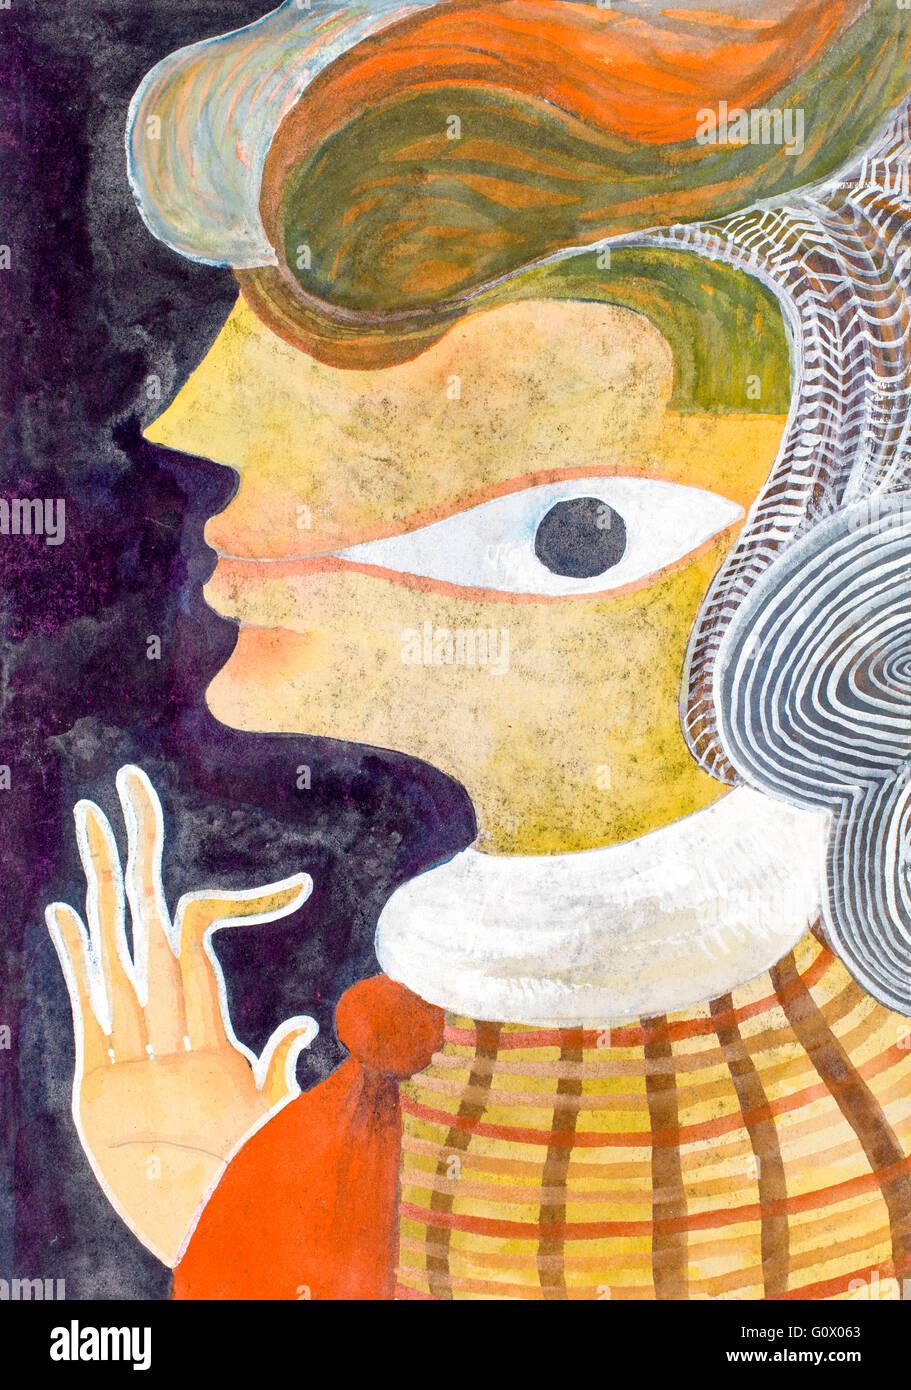 Visage De Femme Dans La Peinture Aquarelle Signification Symbolique Pas Des Yeux Physiques Mais Le Troisieme Oeil Lisse Dans La Joue Photo Stock Alamy